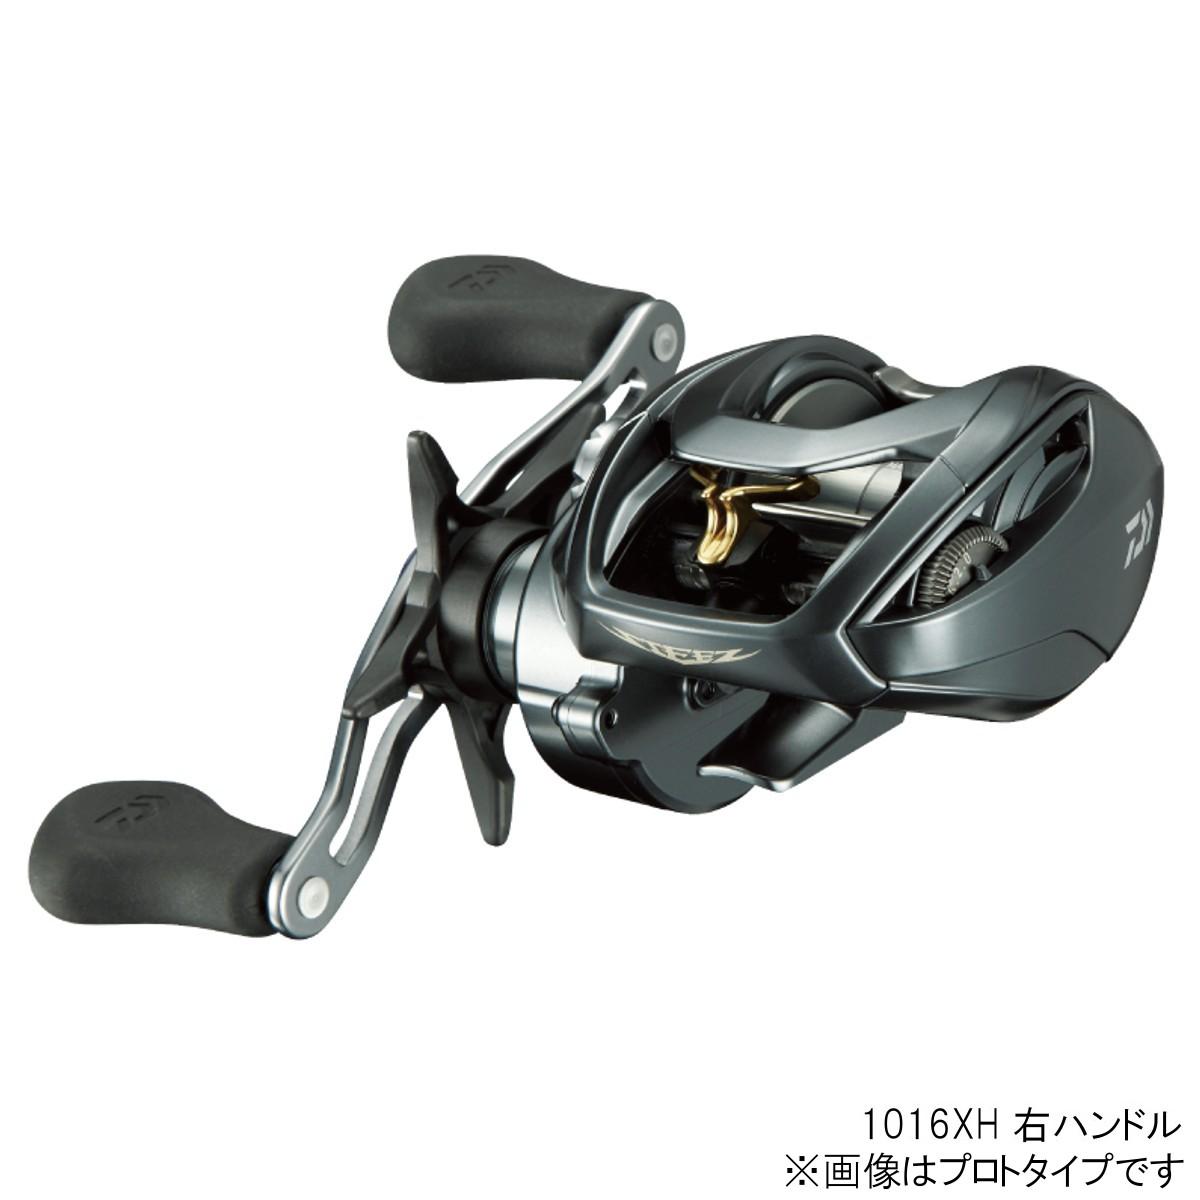 【10/18最大P40倍!】ダイワ スティーズ A TW 1016XH 右ハンドル(ベイトリール)